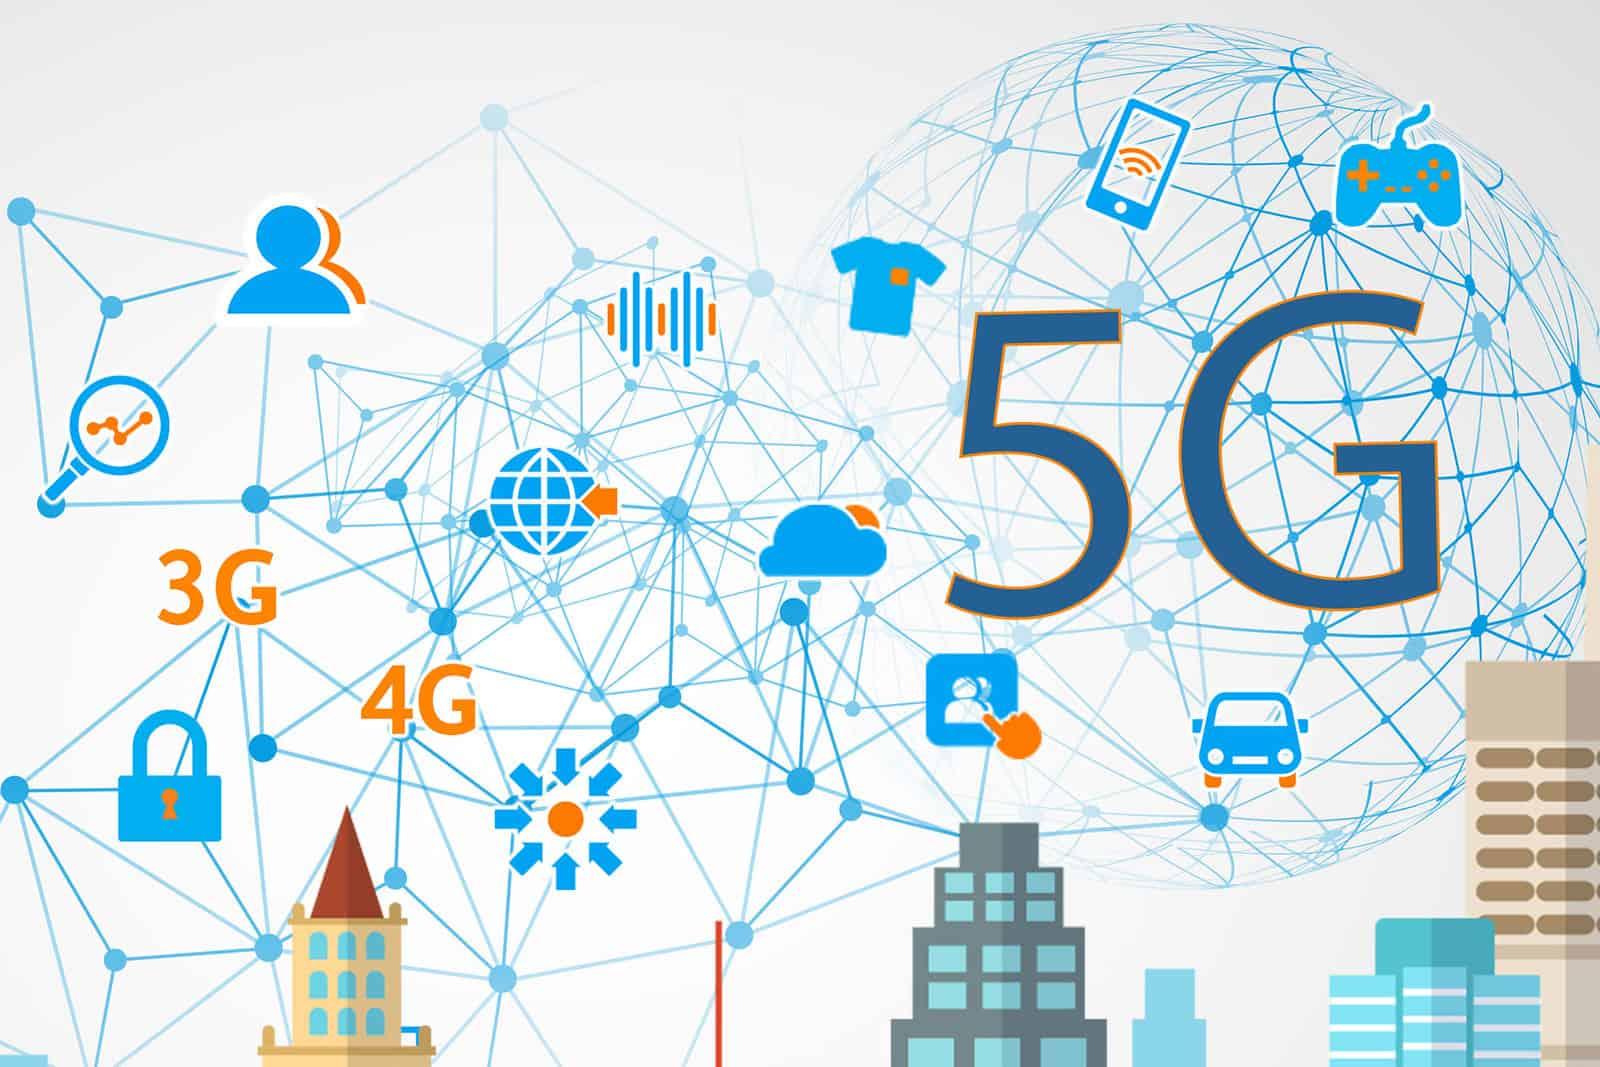 首個商用國際 5G 標準出爐 為普及化定下基礎 - 香港 unwire.hk